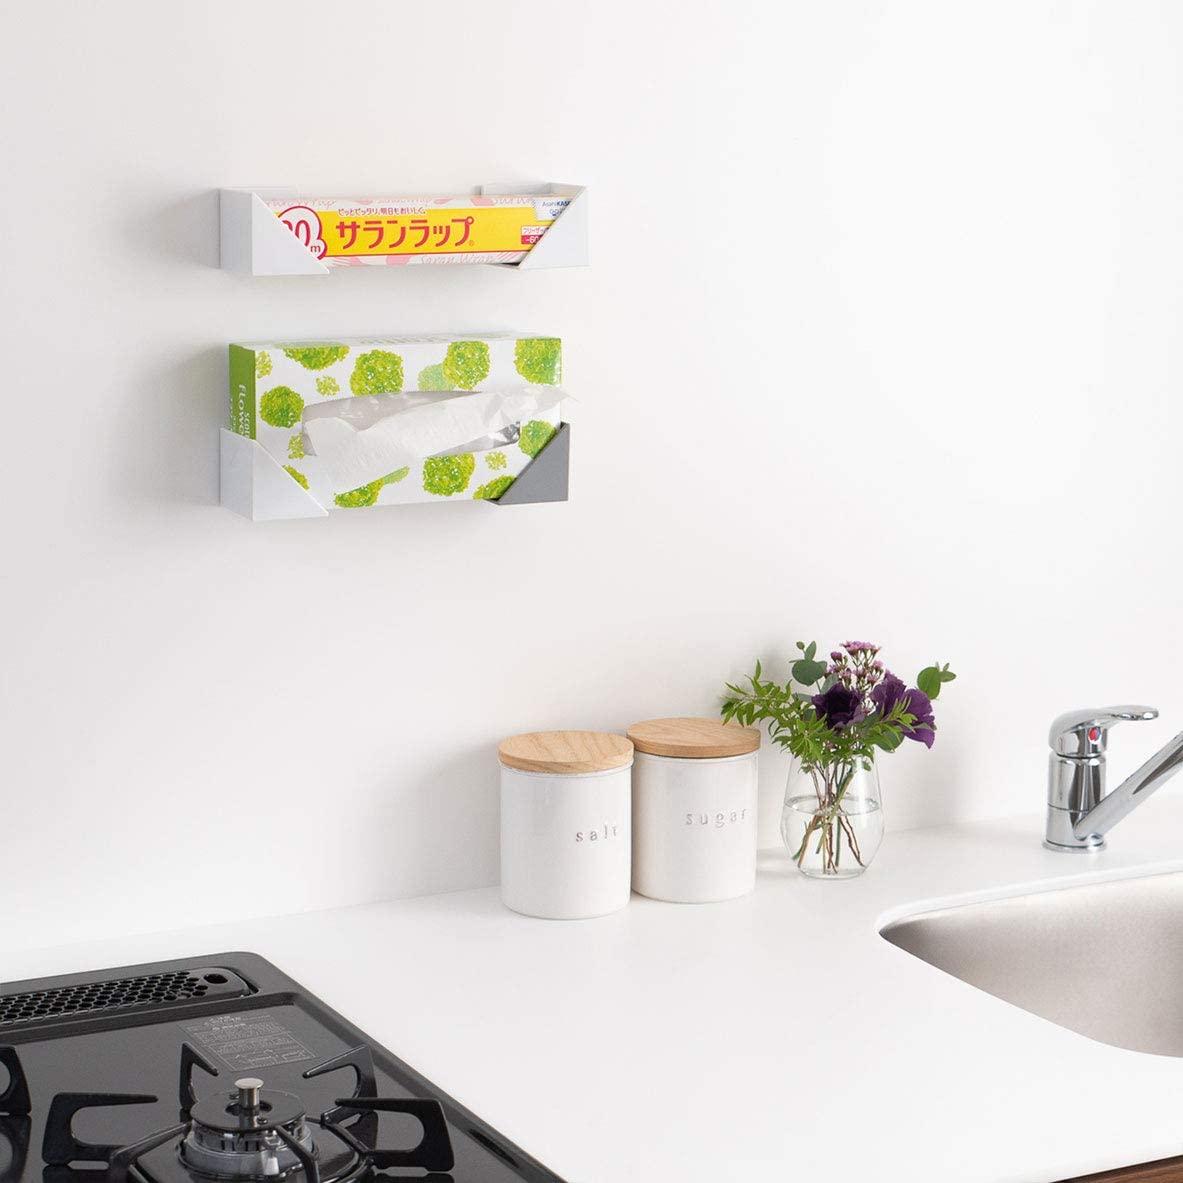 ラップホルダーのおすすめ11選!冷蔵庫に貼れるマグネット式も